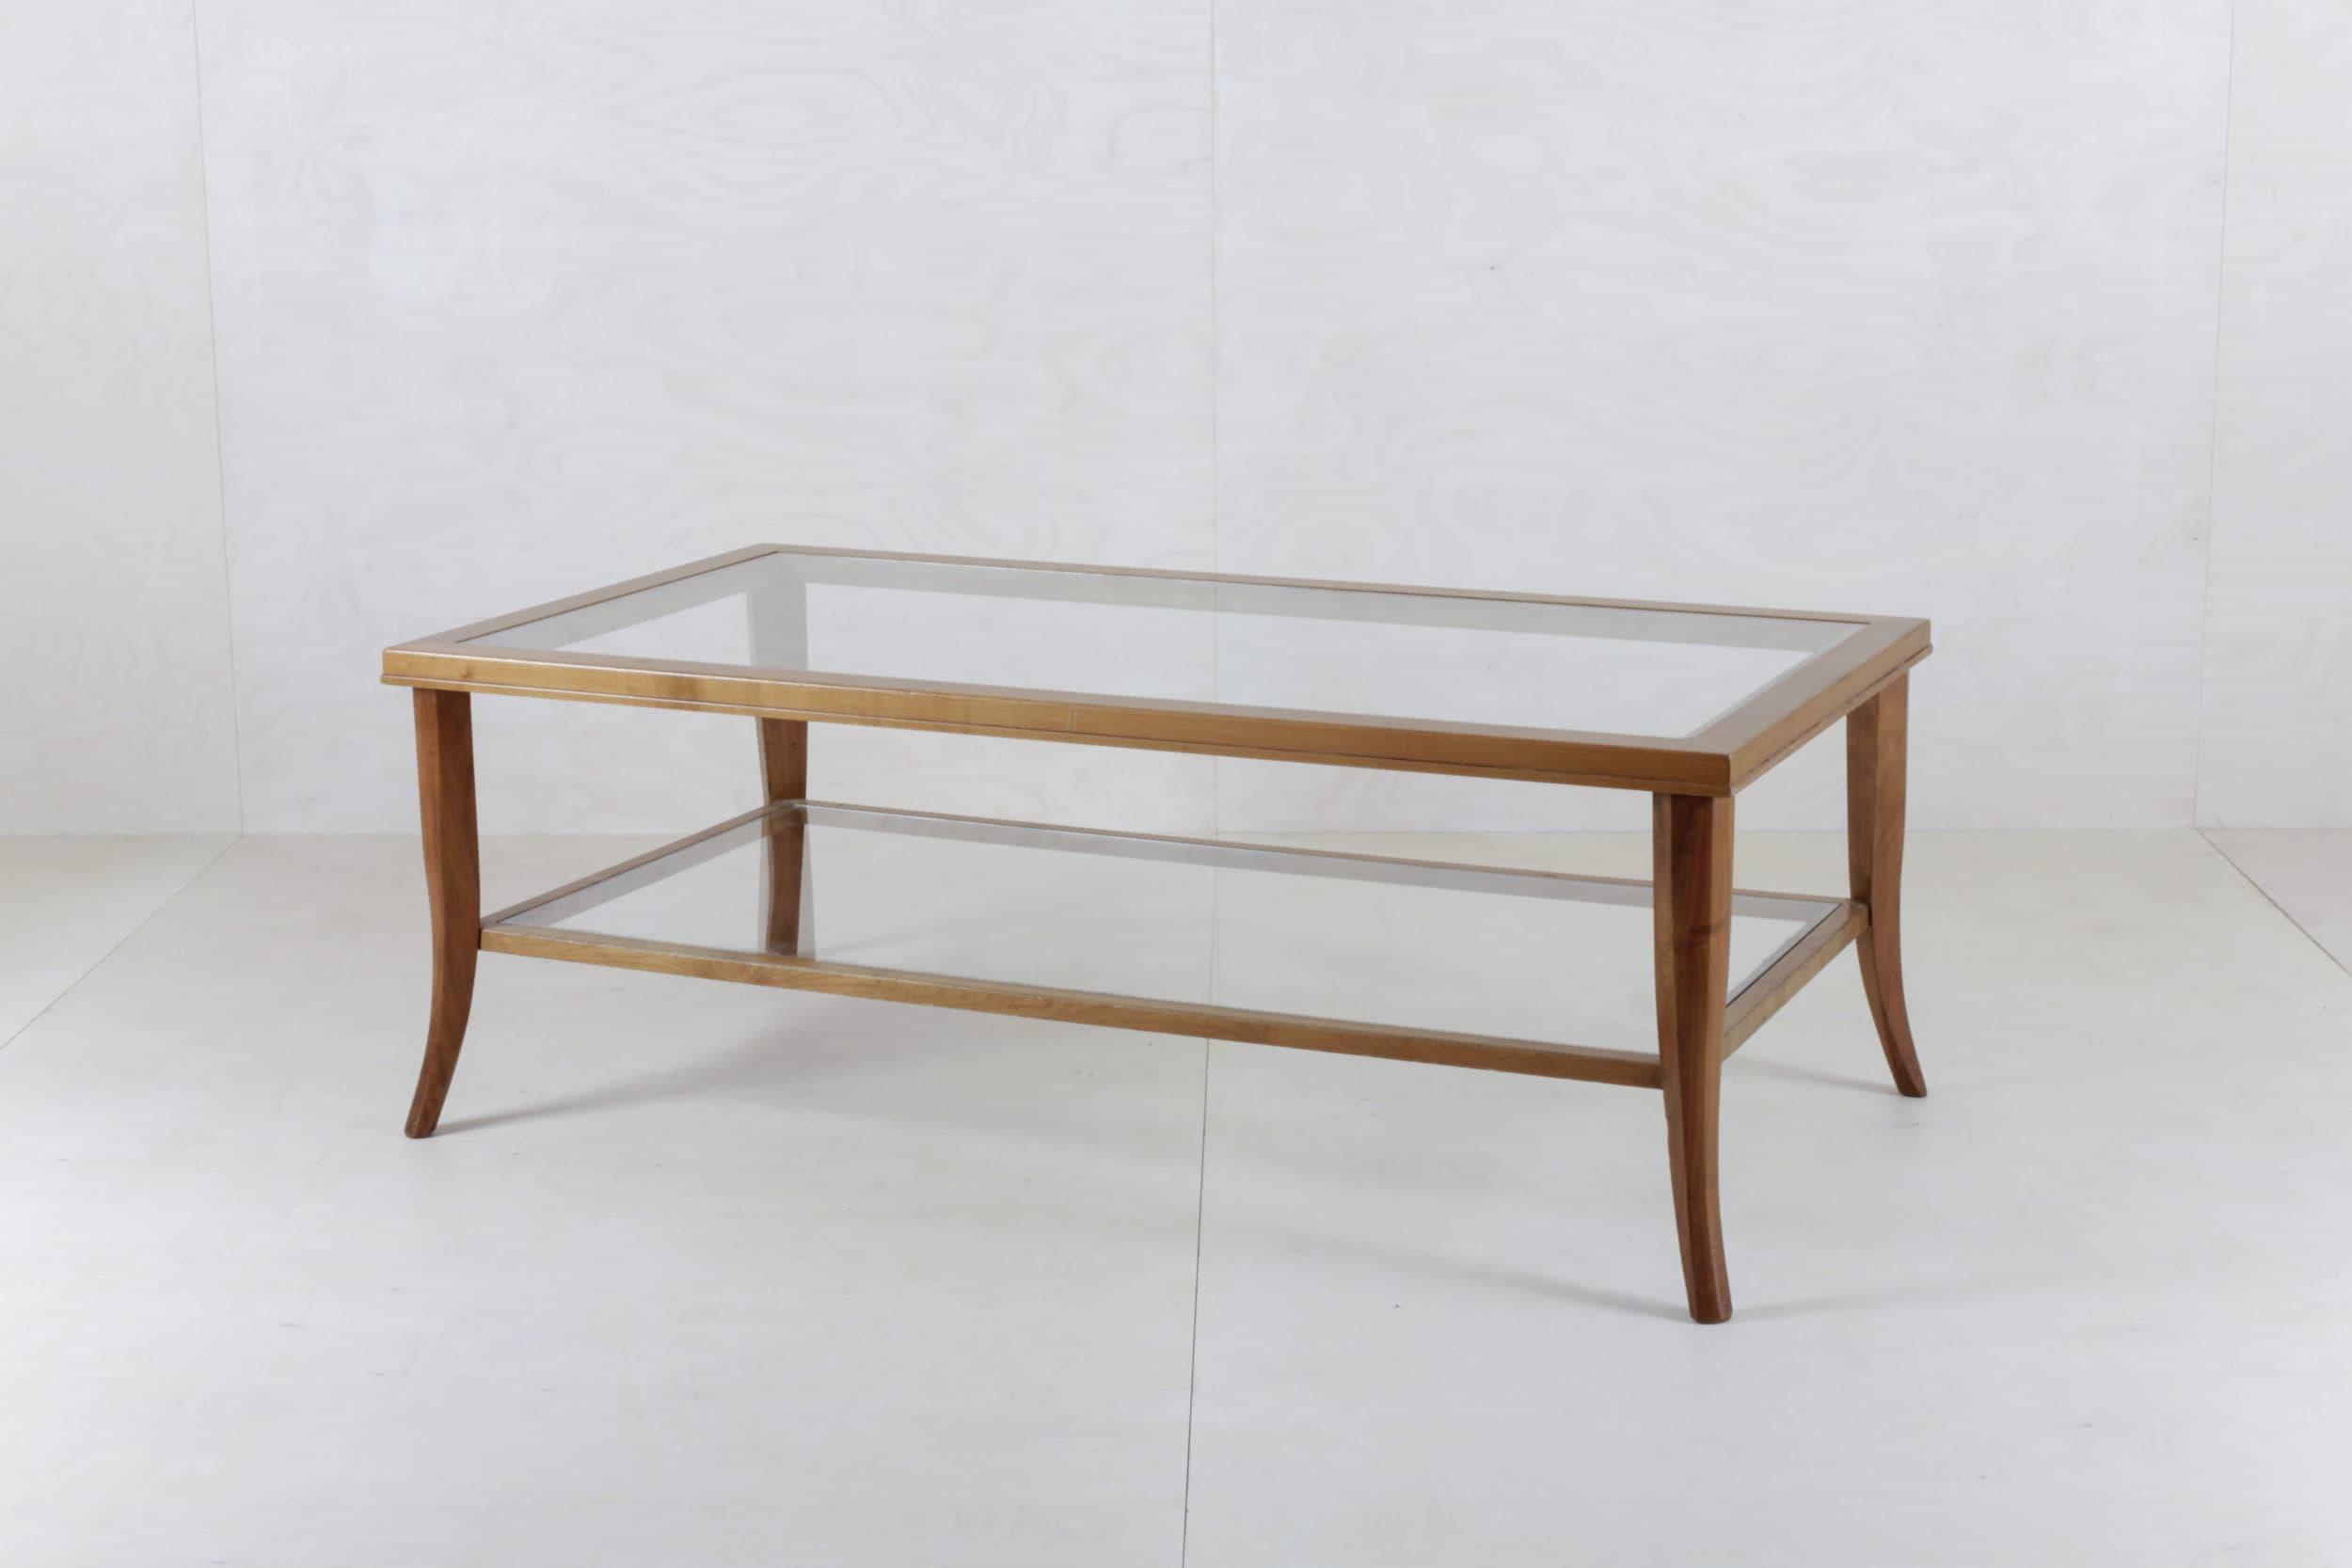 Möbel, Glas, Holz, Tischverleih, Berlin, Hamburg, München